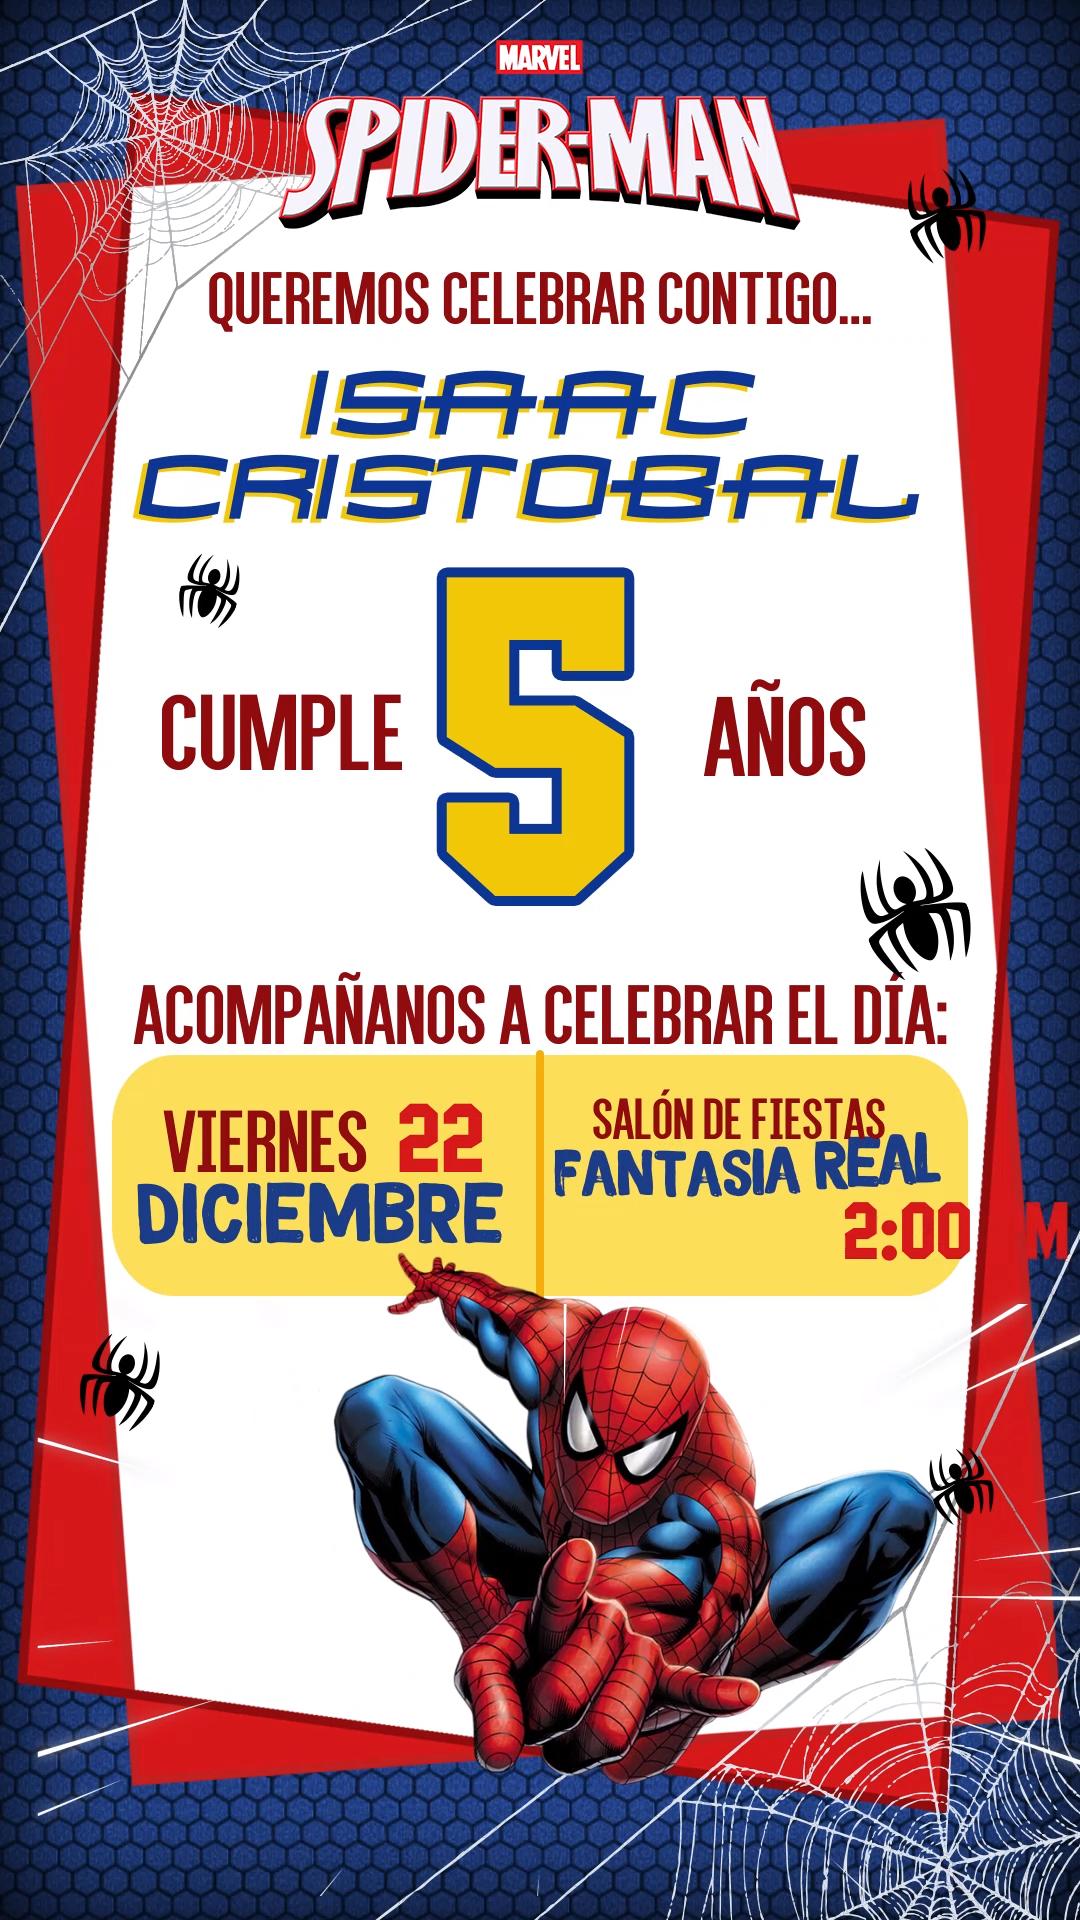 Tarjeta De Invitacion Animada Del Hombre Arana Video Video Invitacion De Spiderman Hacer Invitaciones De Cumpleanos Invitaciones Digitales